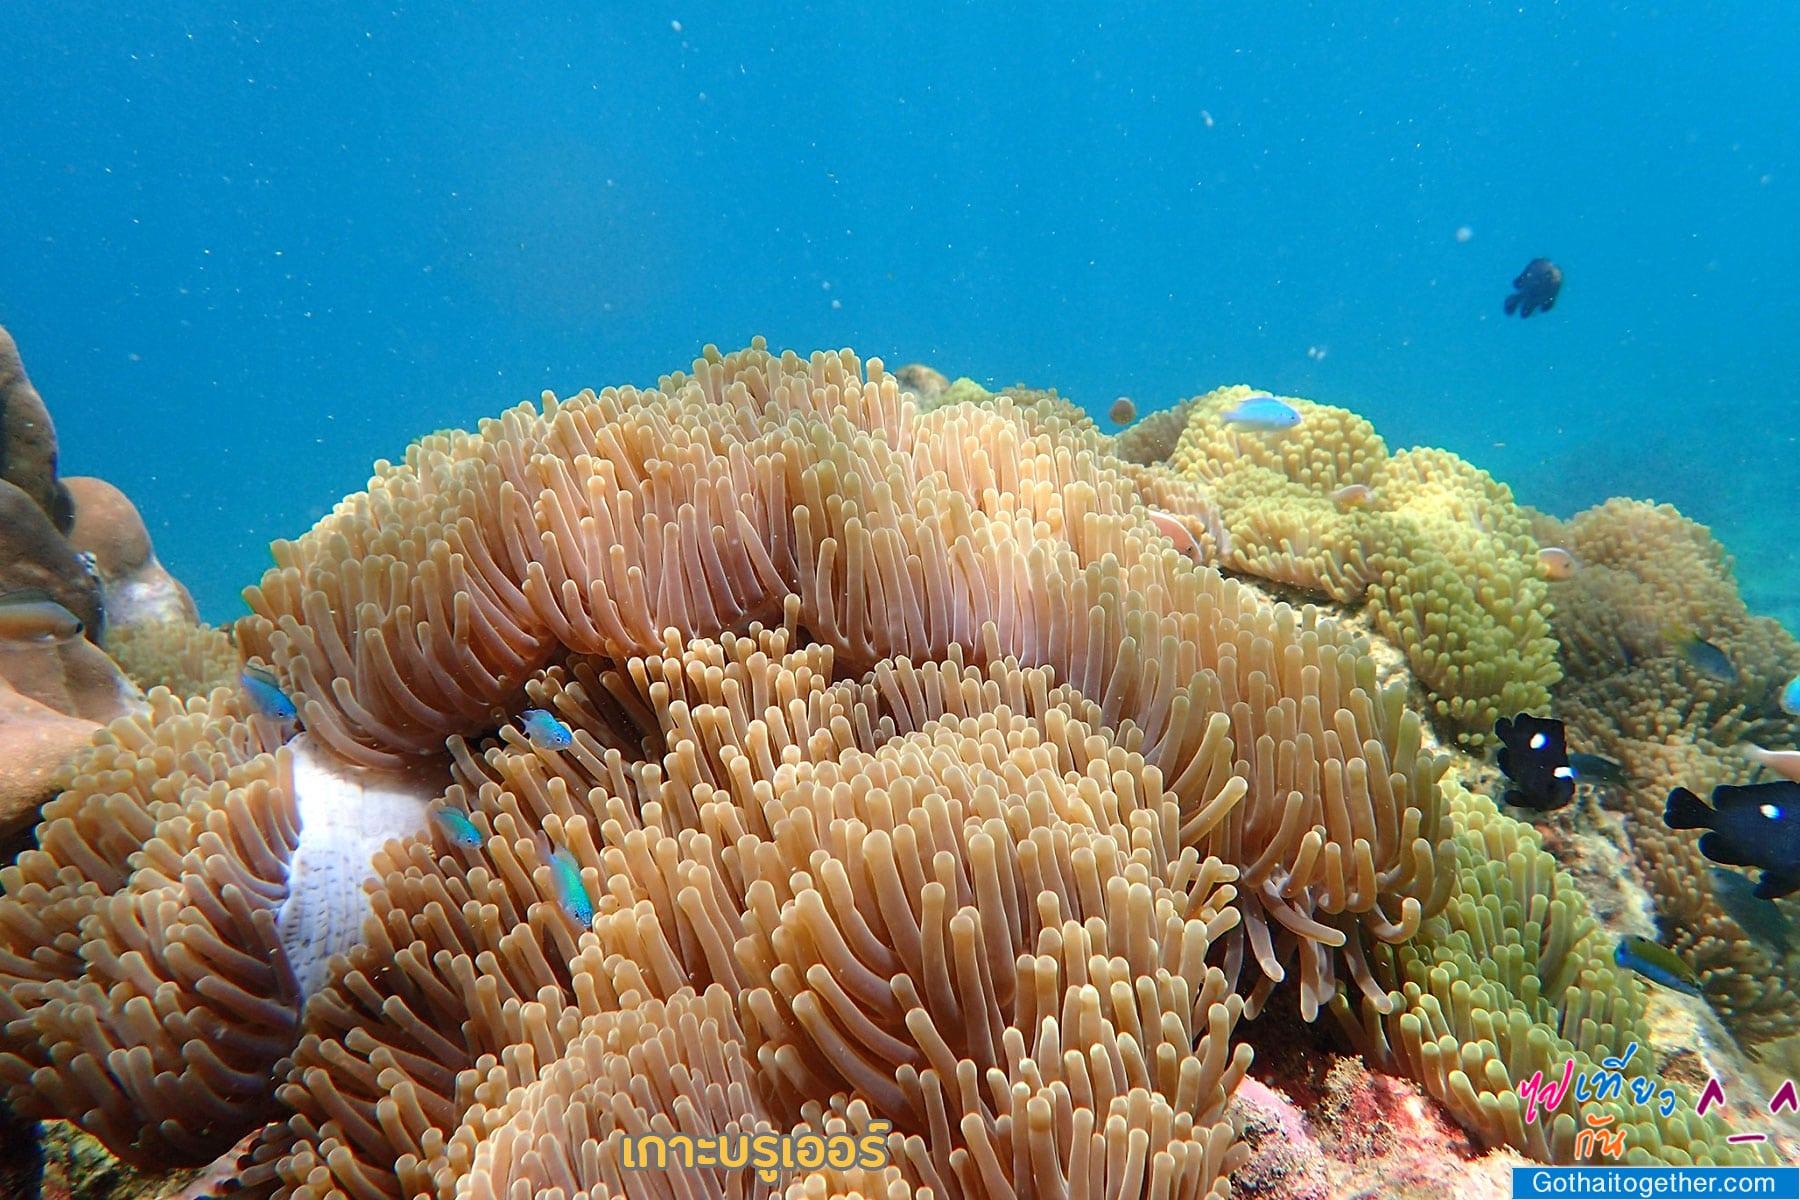 เกาะบรูเออร์ โลกใต้ทะเล สดใหม่ อันสวยงาม สายดำน้ำควรต้องมาเช็คอิน 47